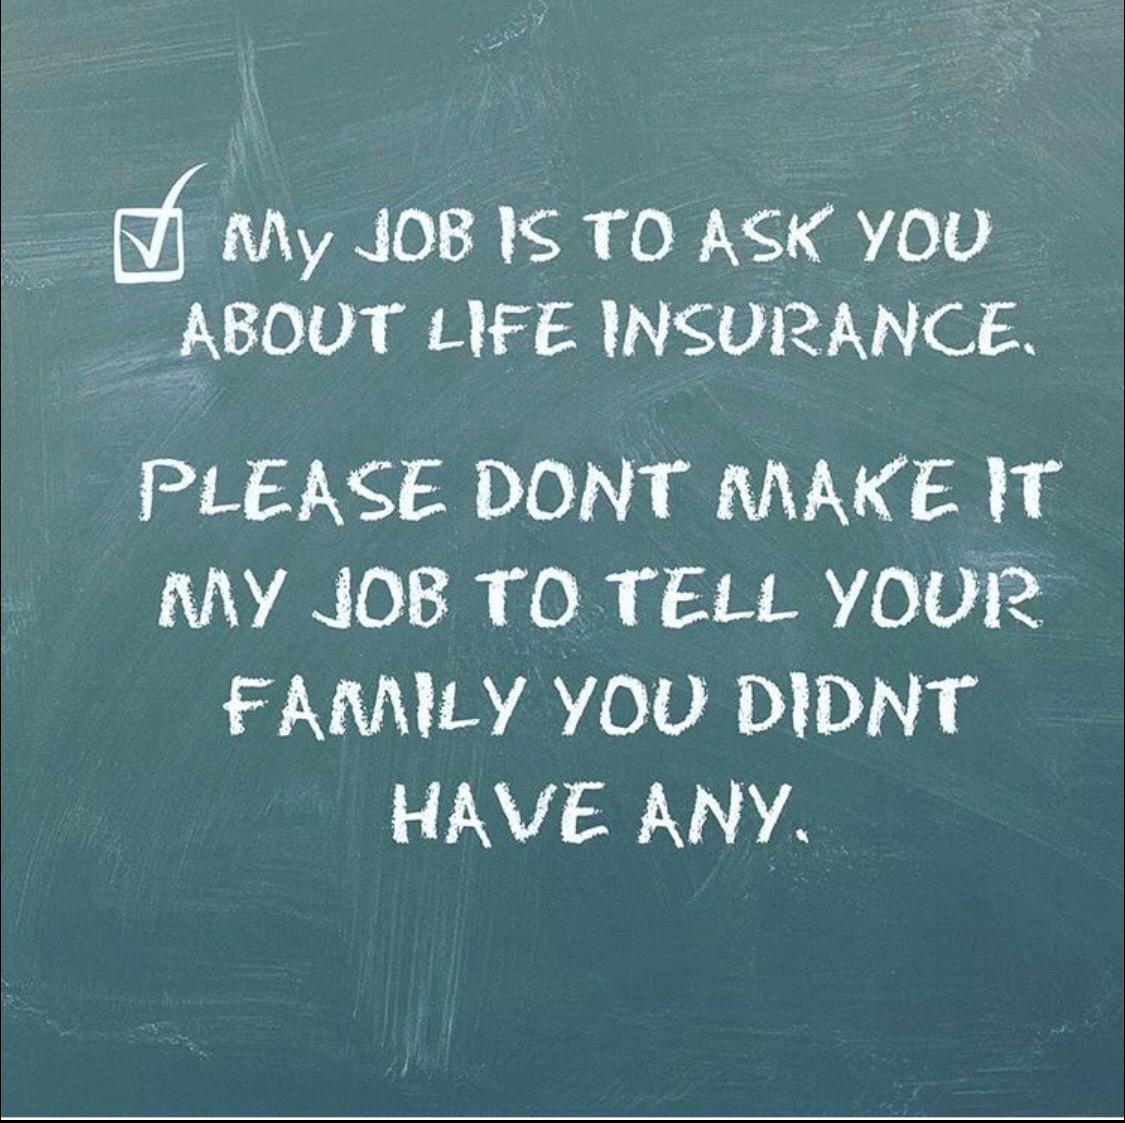 Salinas Life Insurance Group